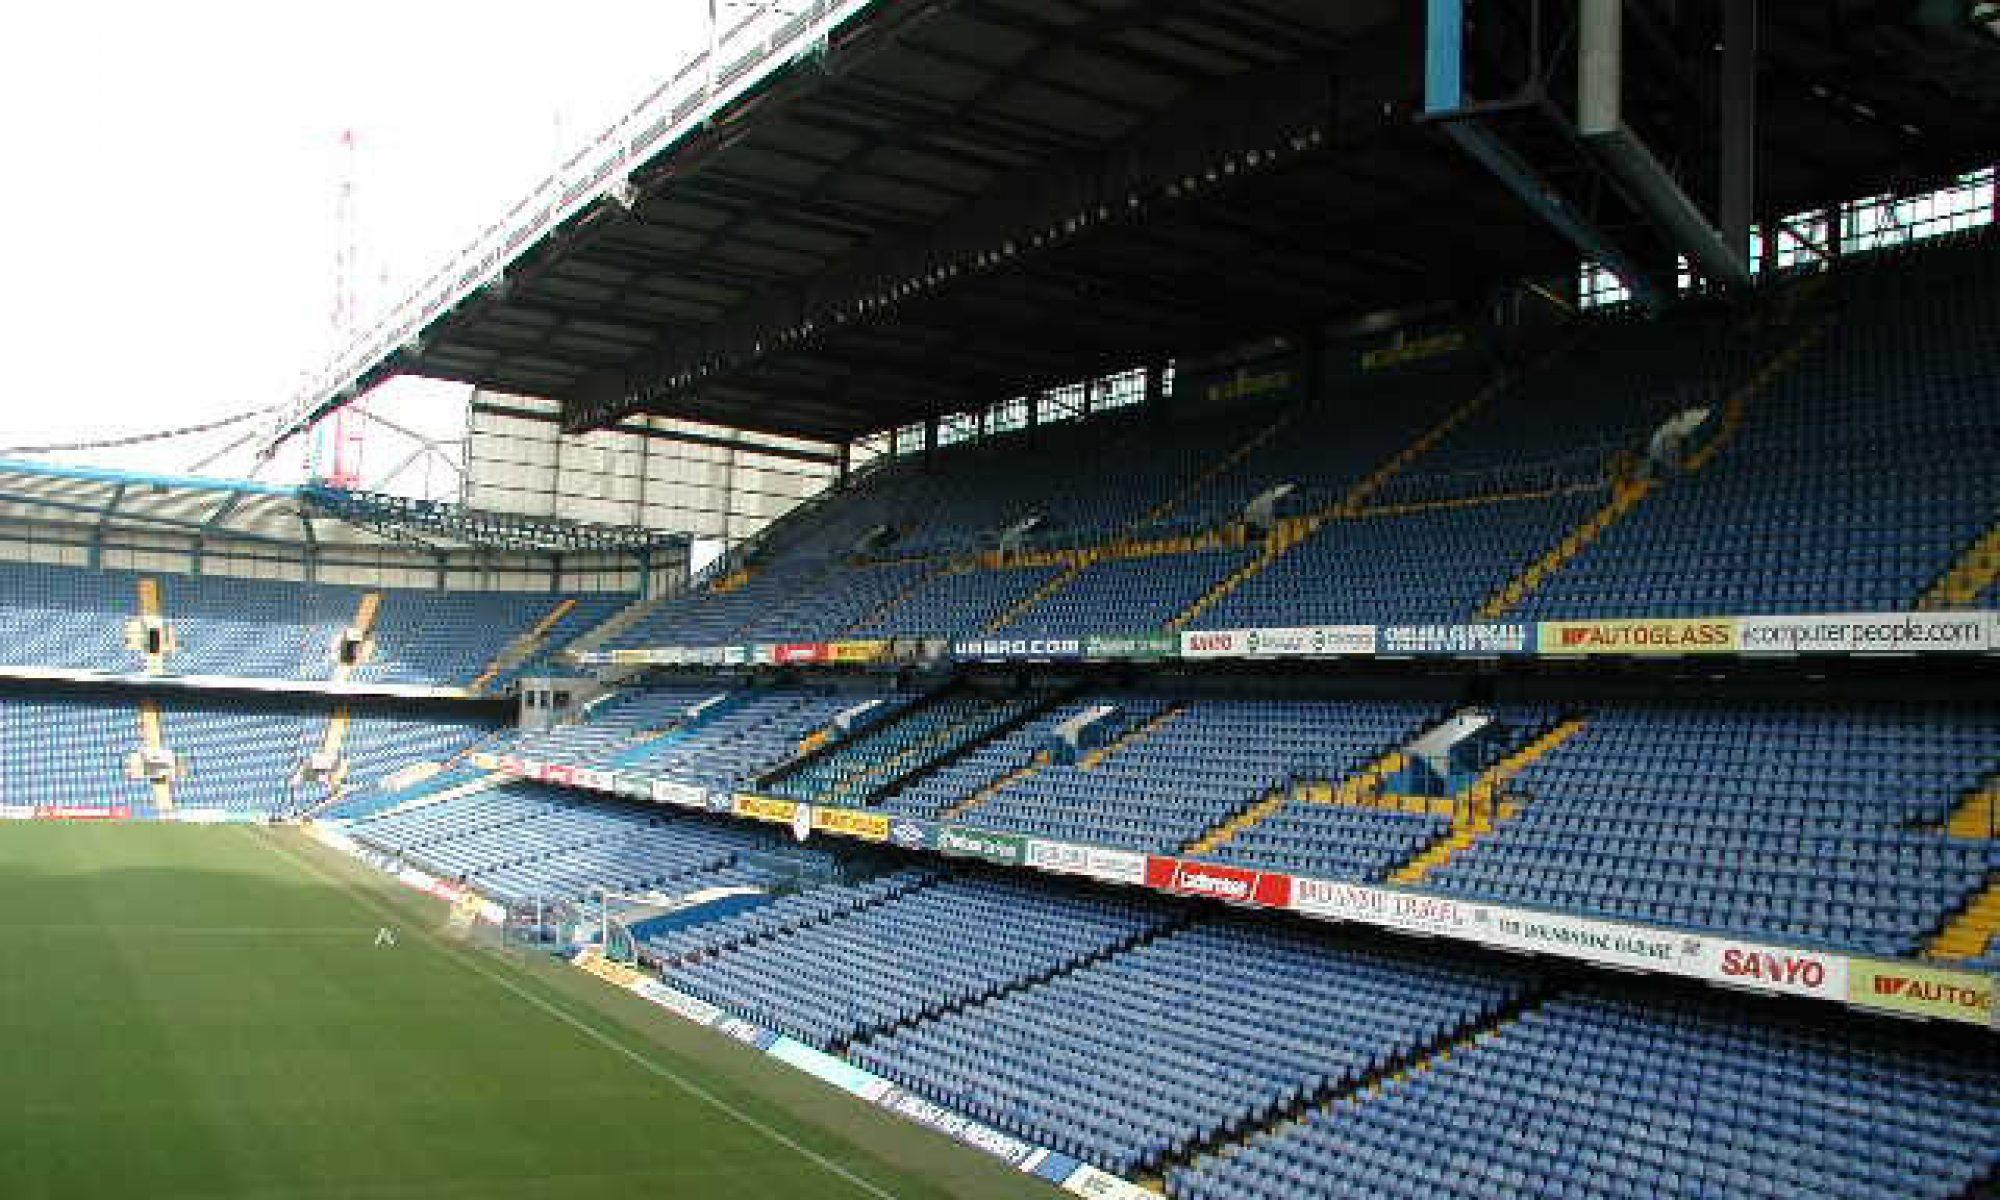 FootballGroundz.co.uk